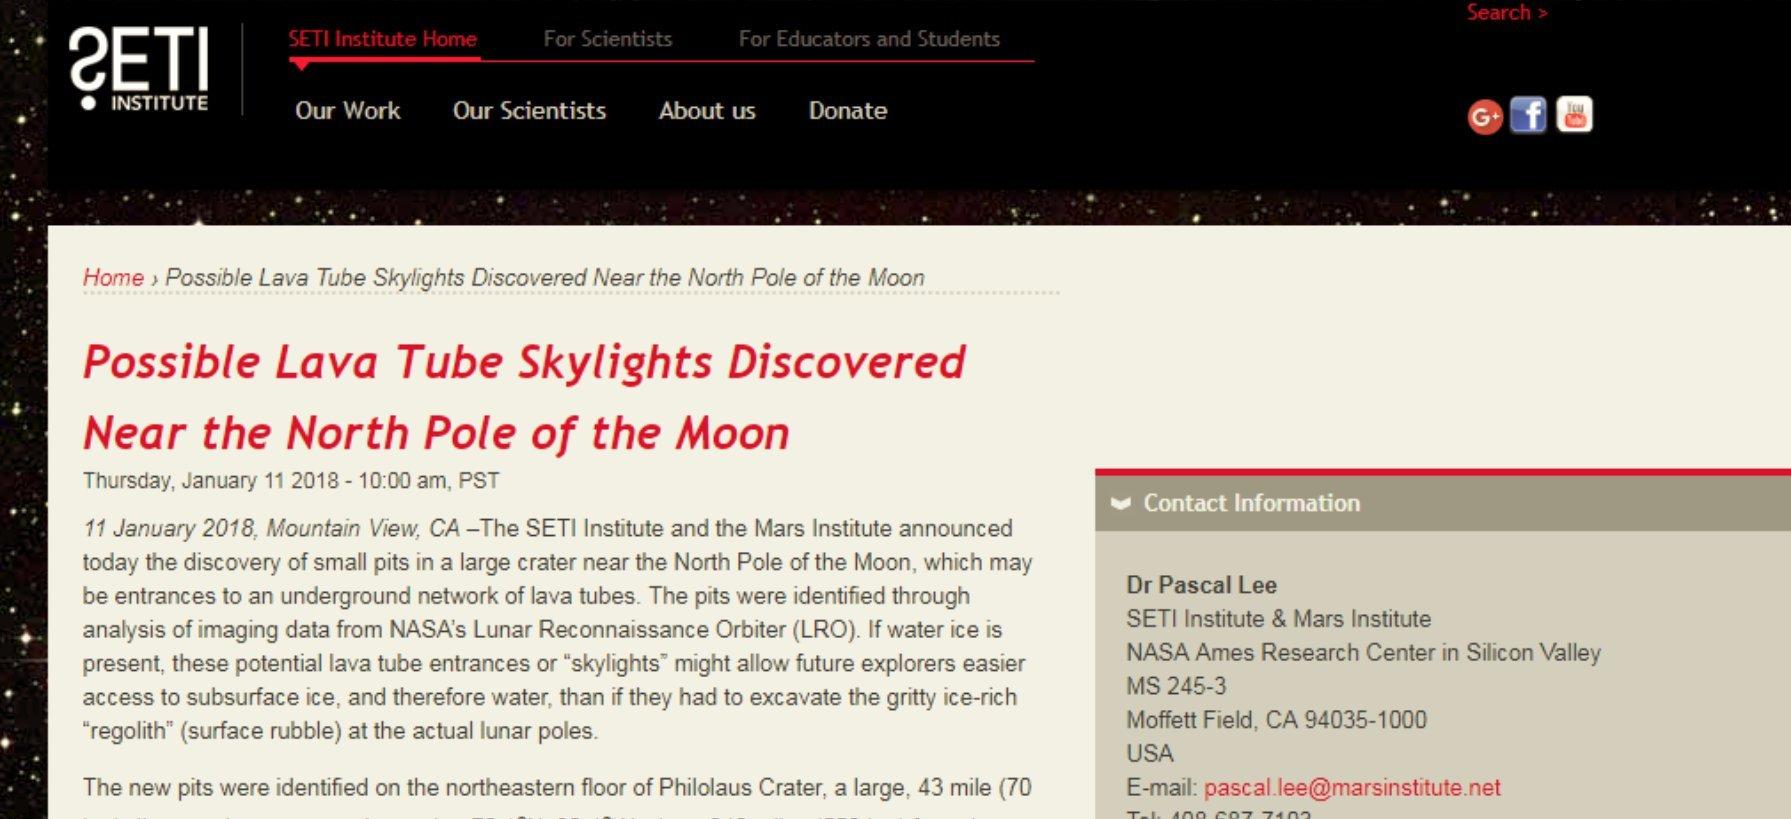 Artículo de Prensa de Seti acerca de la noticia de los posibles conductos hacia túneles de lava lunares descubiertos